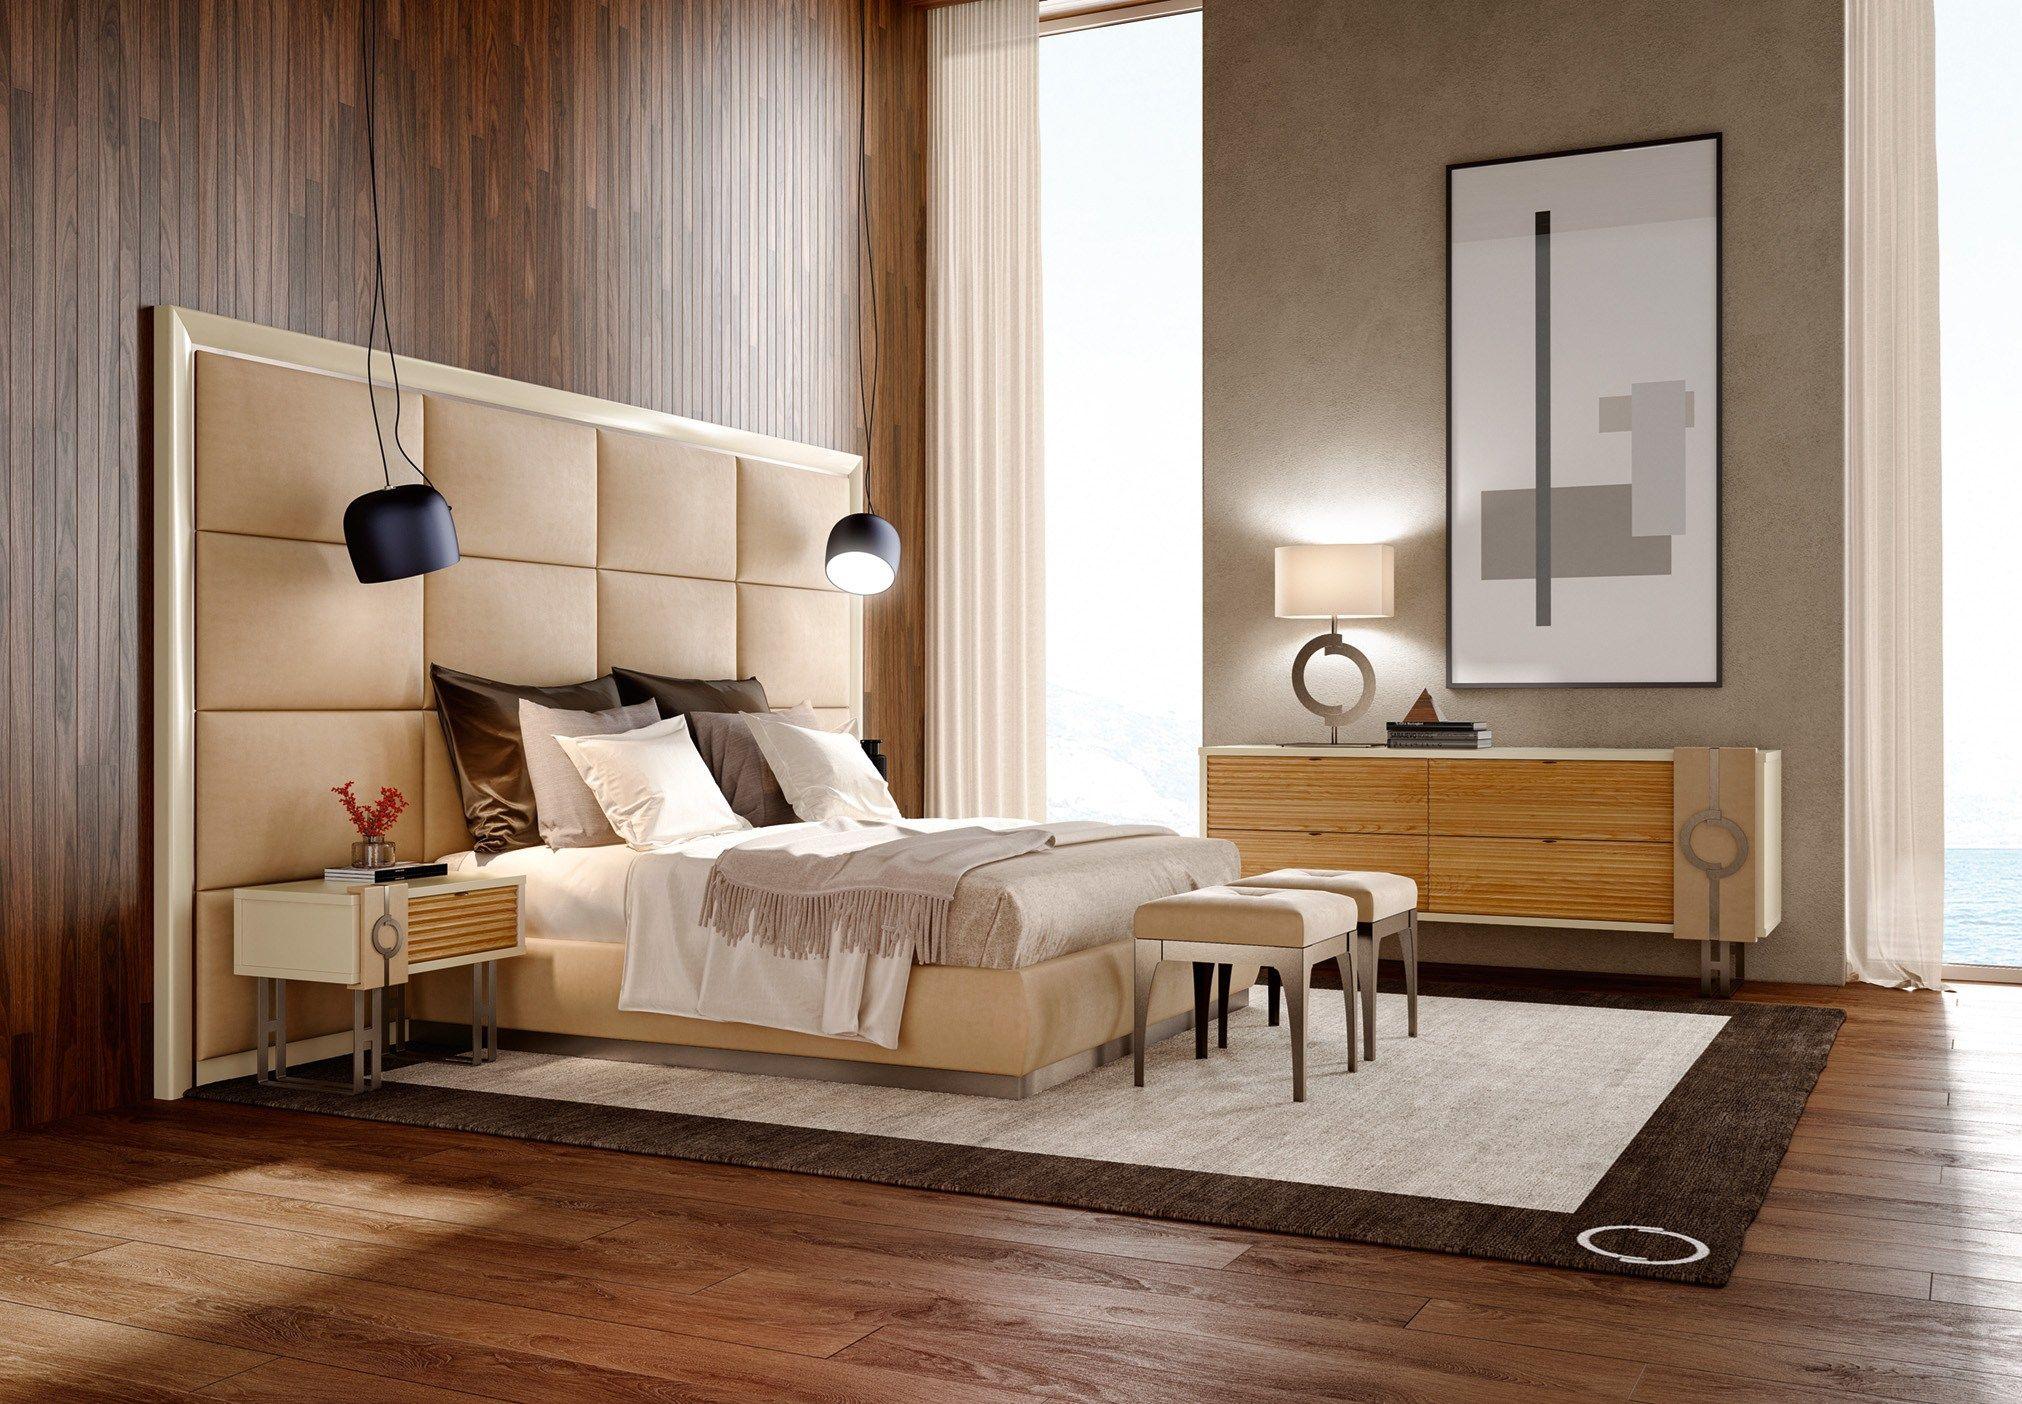 Camere da letto stile moderno la libreria camera da letto - Camere da letto stile moderno ...